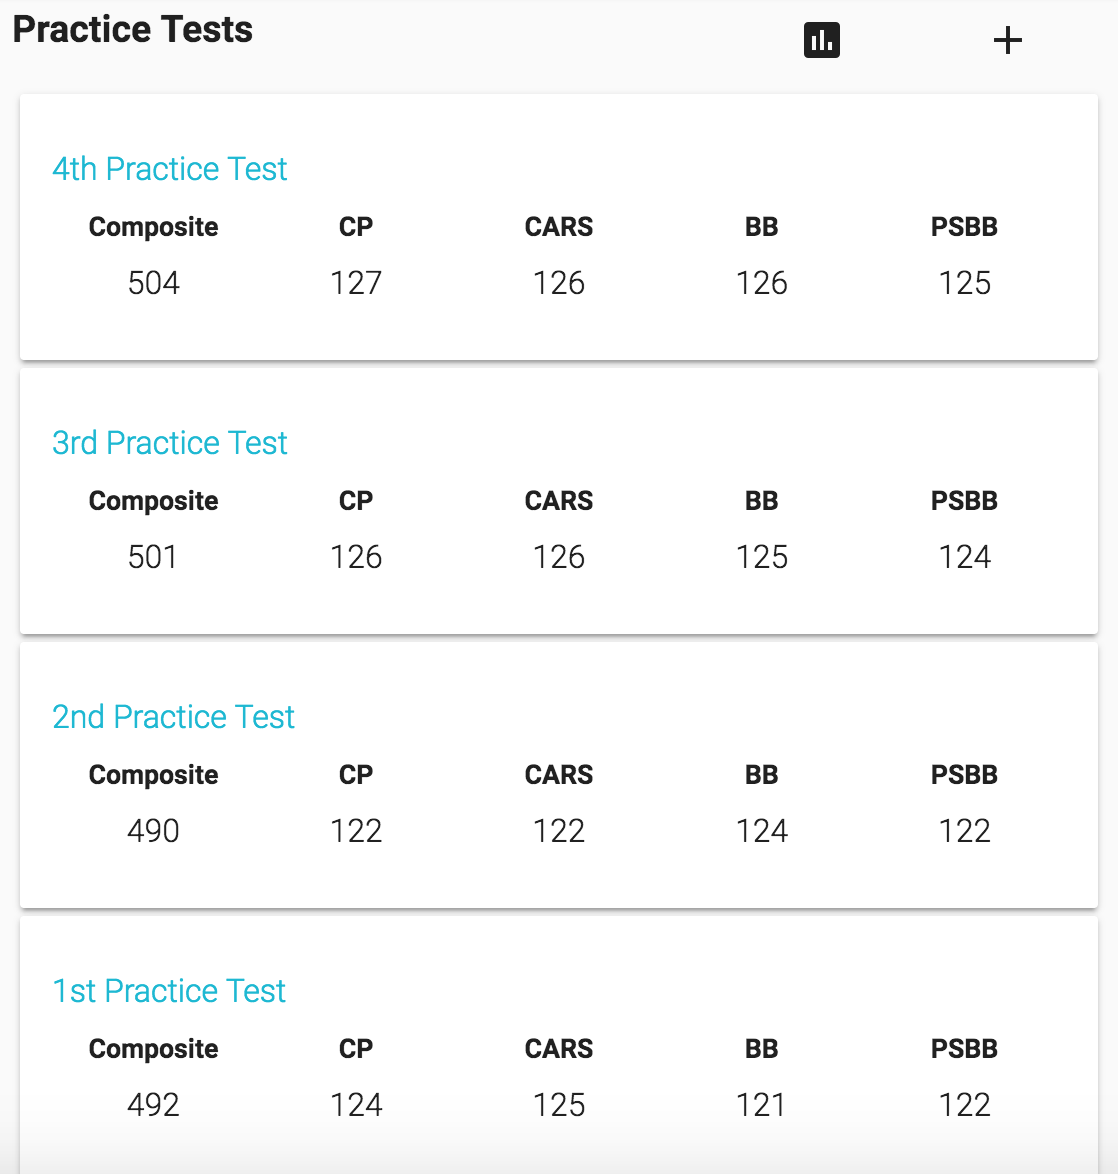 Dashboard practice test list